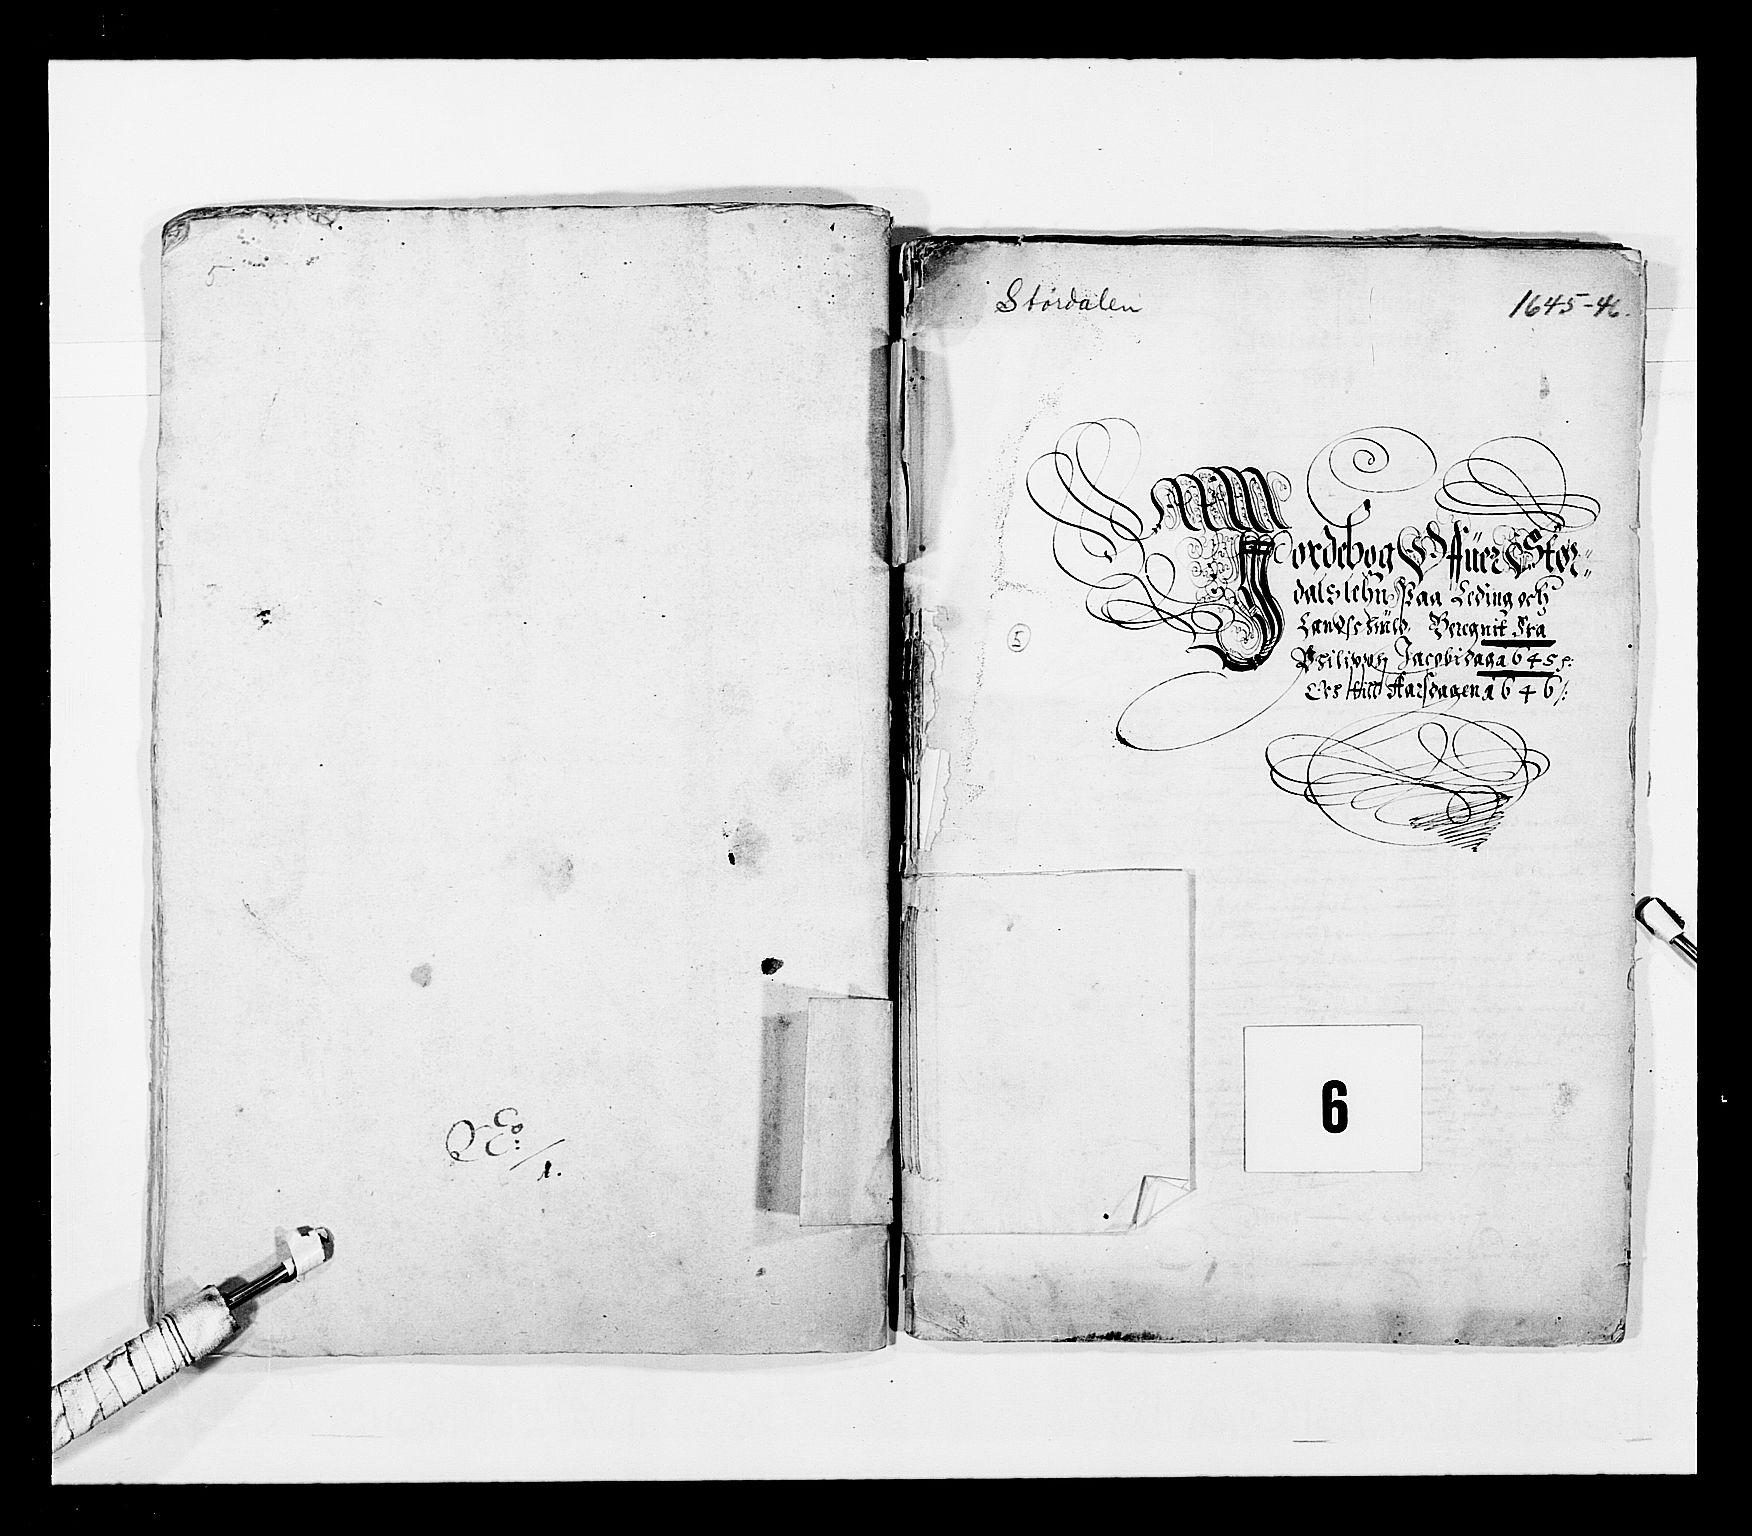 RA, Stattholderembetet 1572-1771, Ek/L0028: Jordebøker 1633-1658:, 1645-1646, s. 129